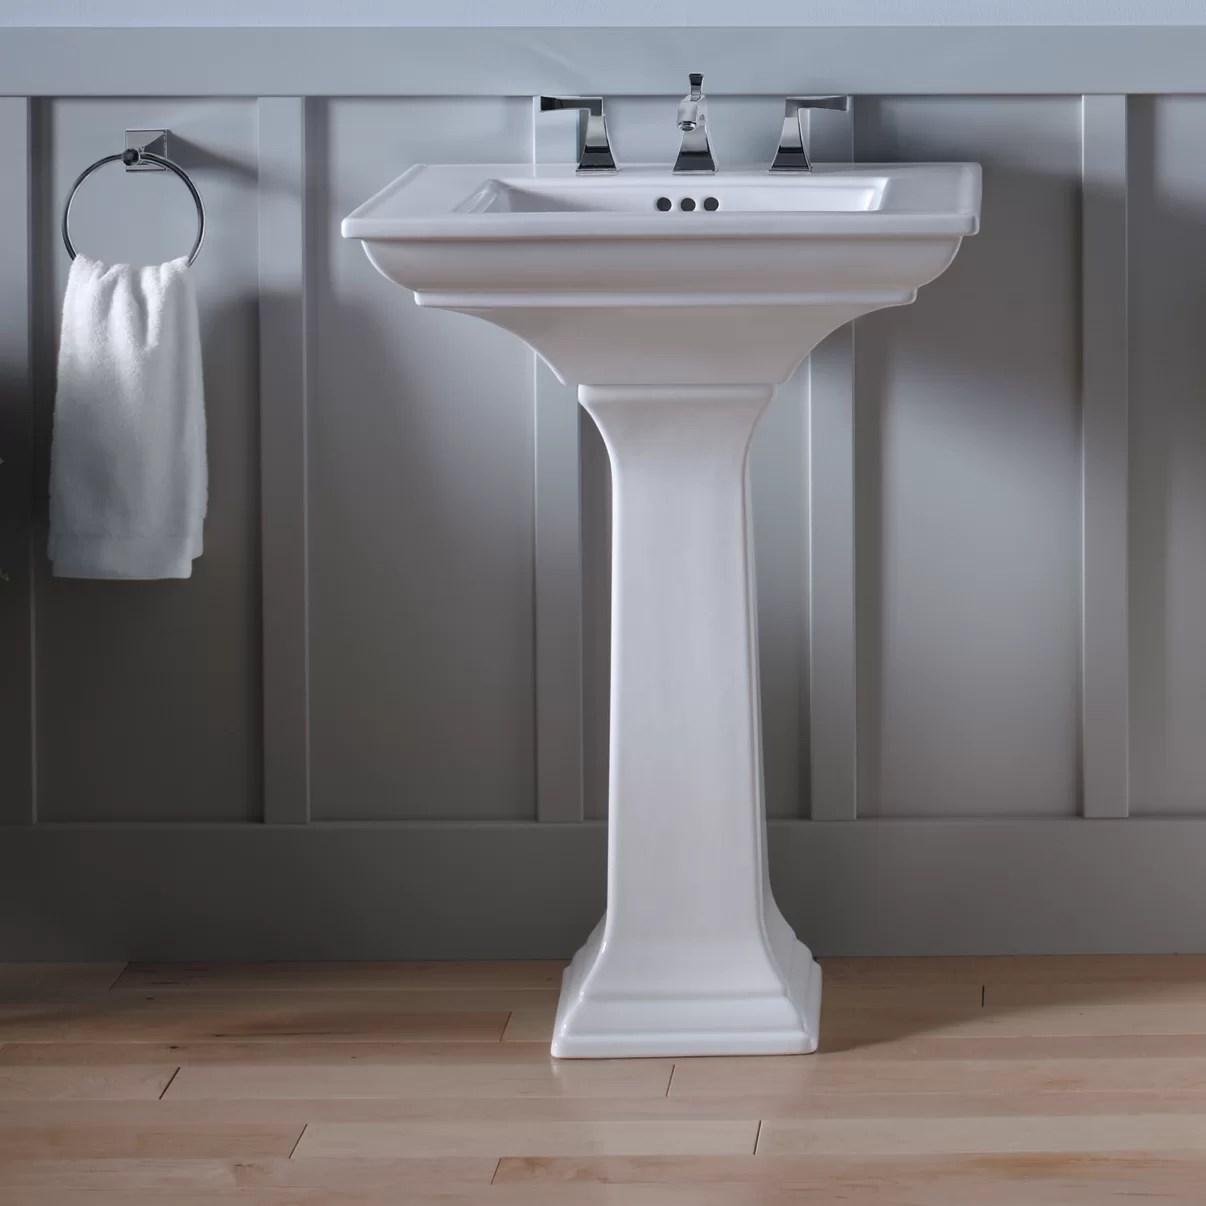 Kohler Memoirs Bathroom Sink Pedestal & Reviews